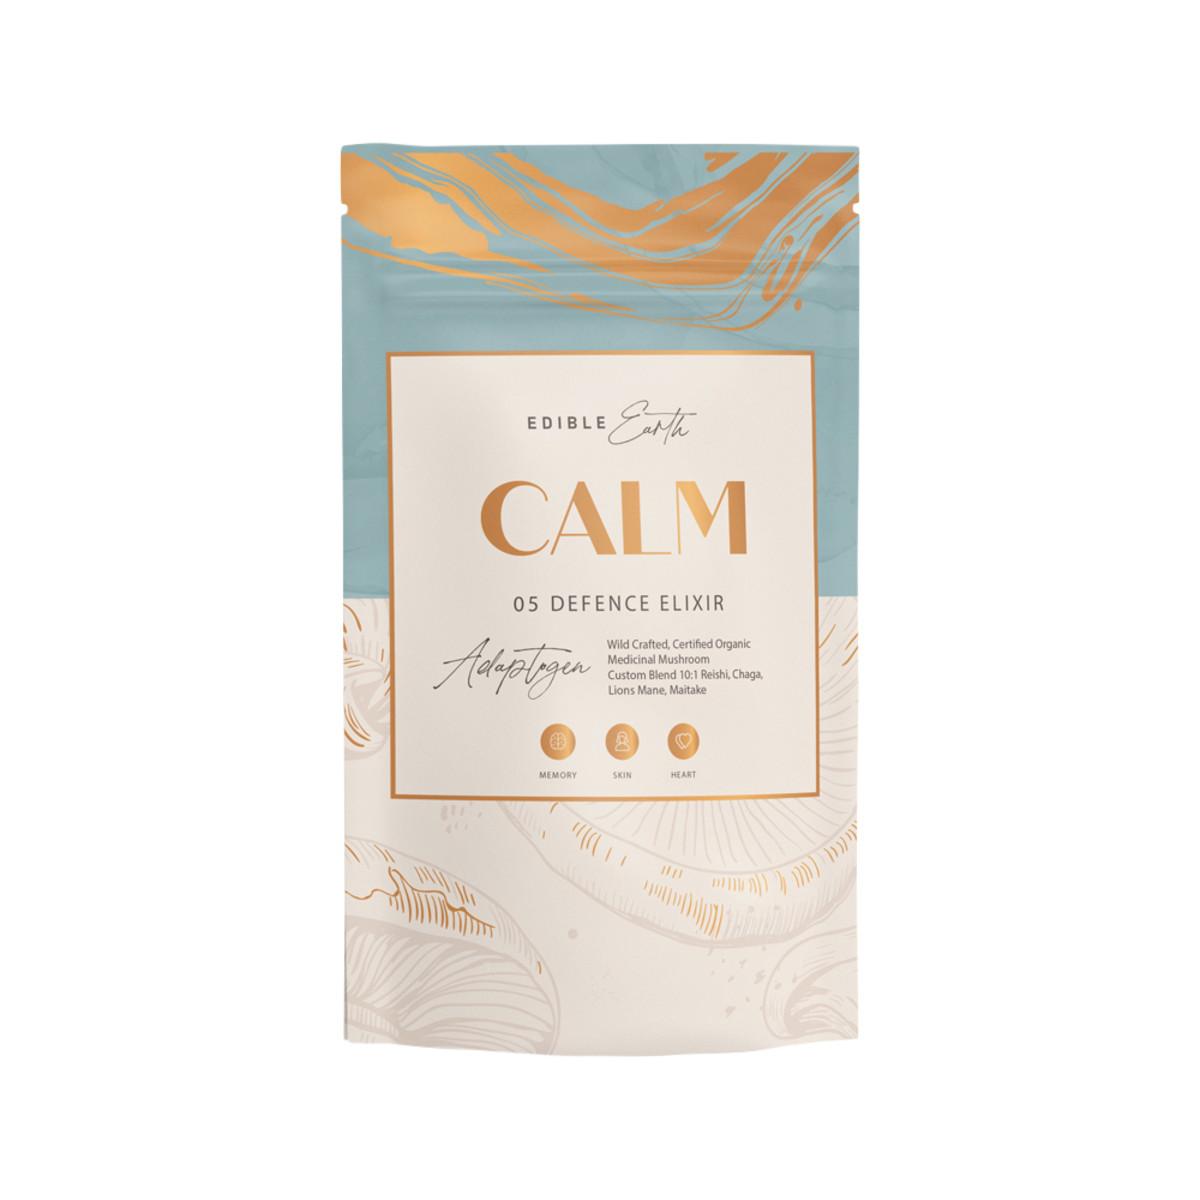 Edible Earth Calm Defence Elixir 50g_media-01